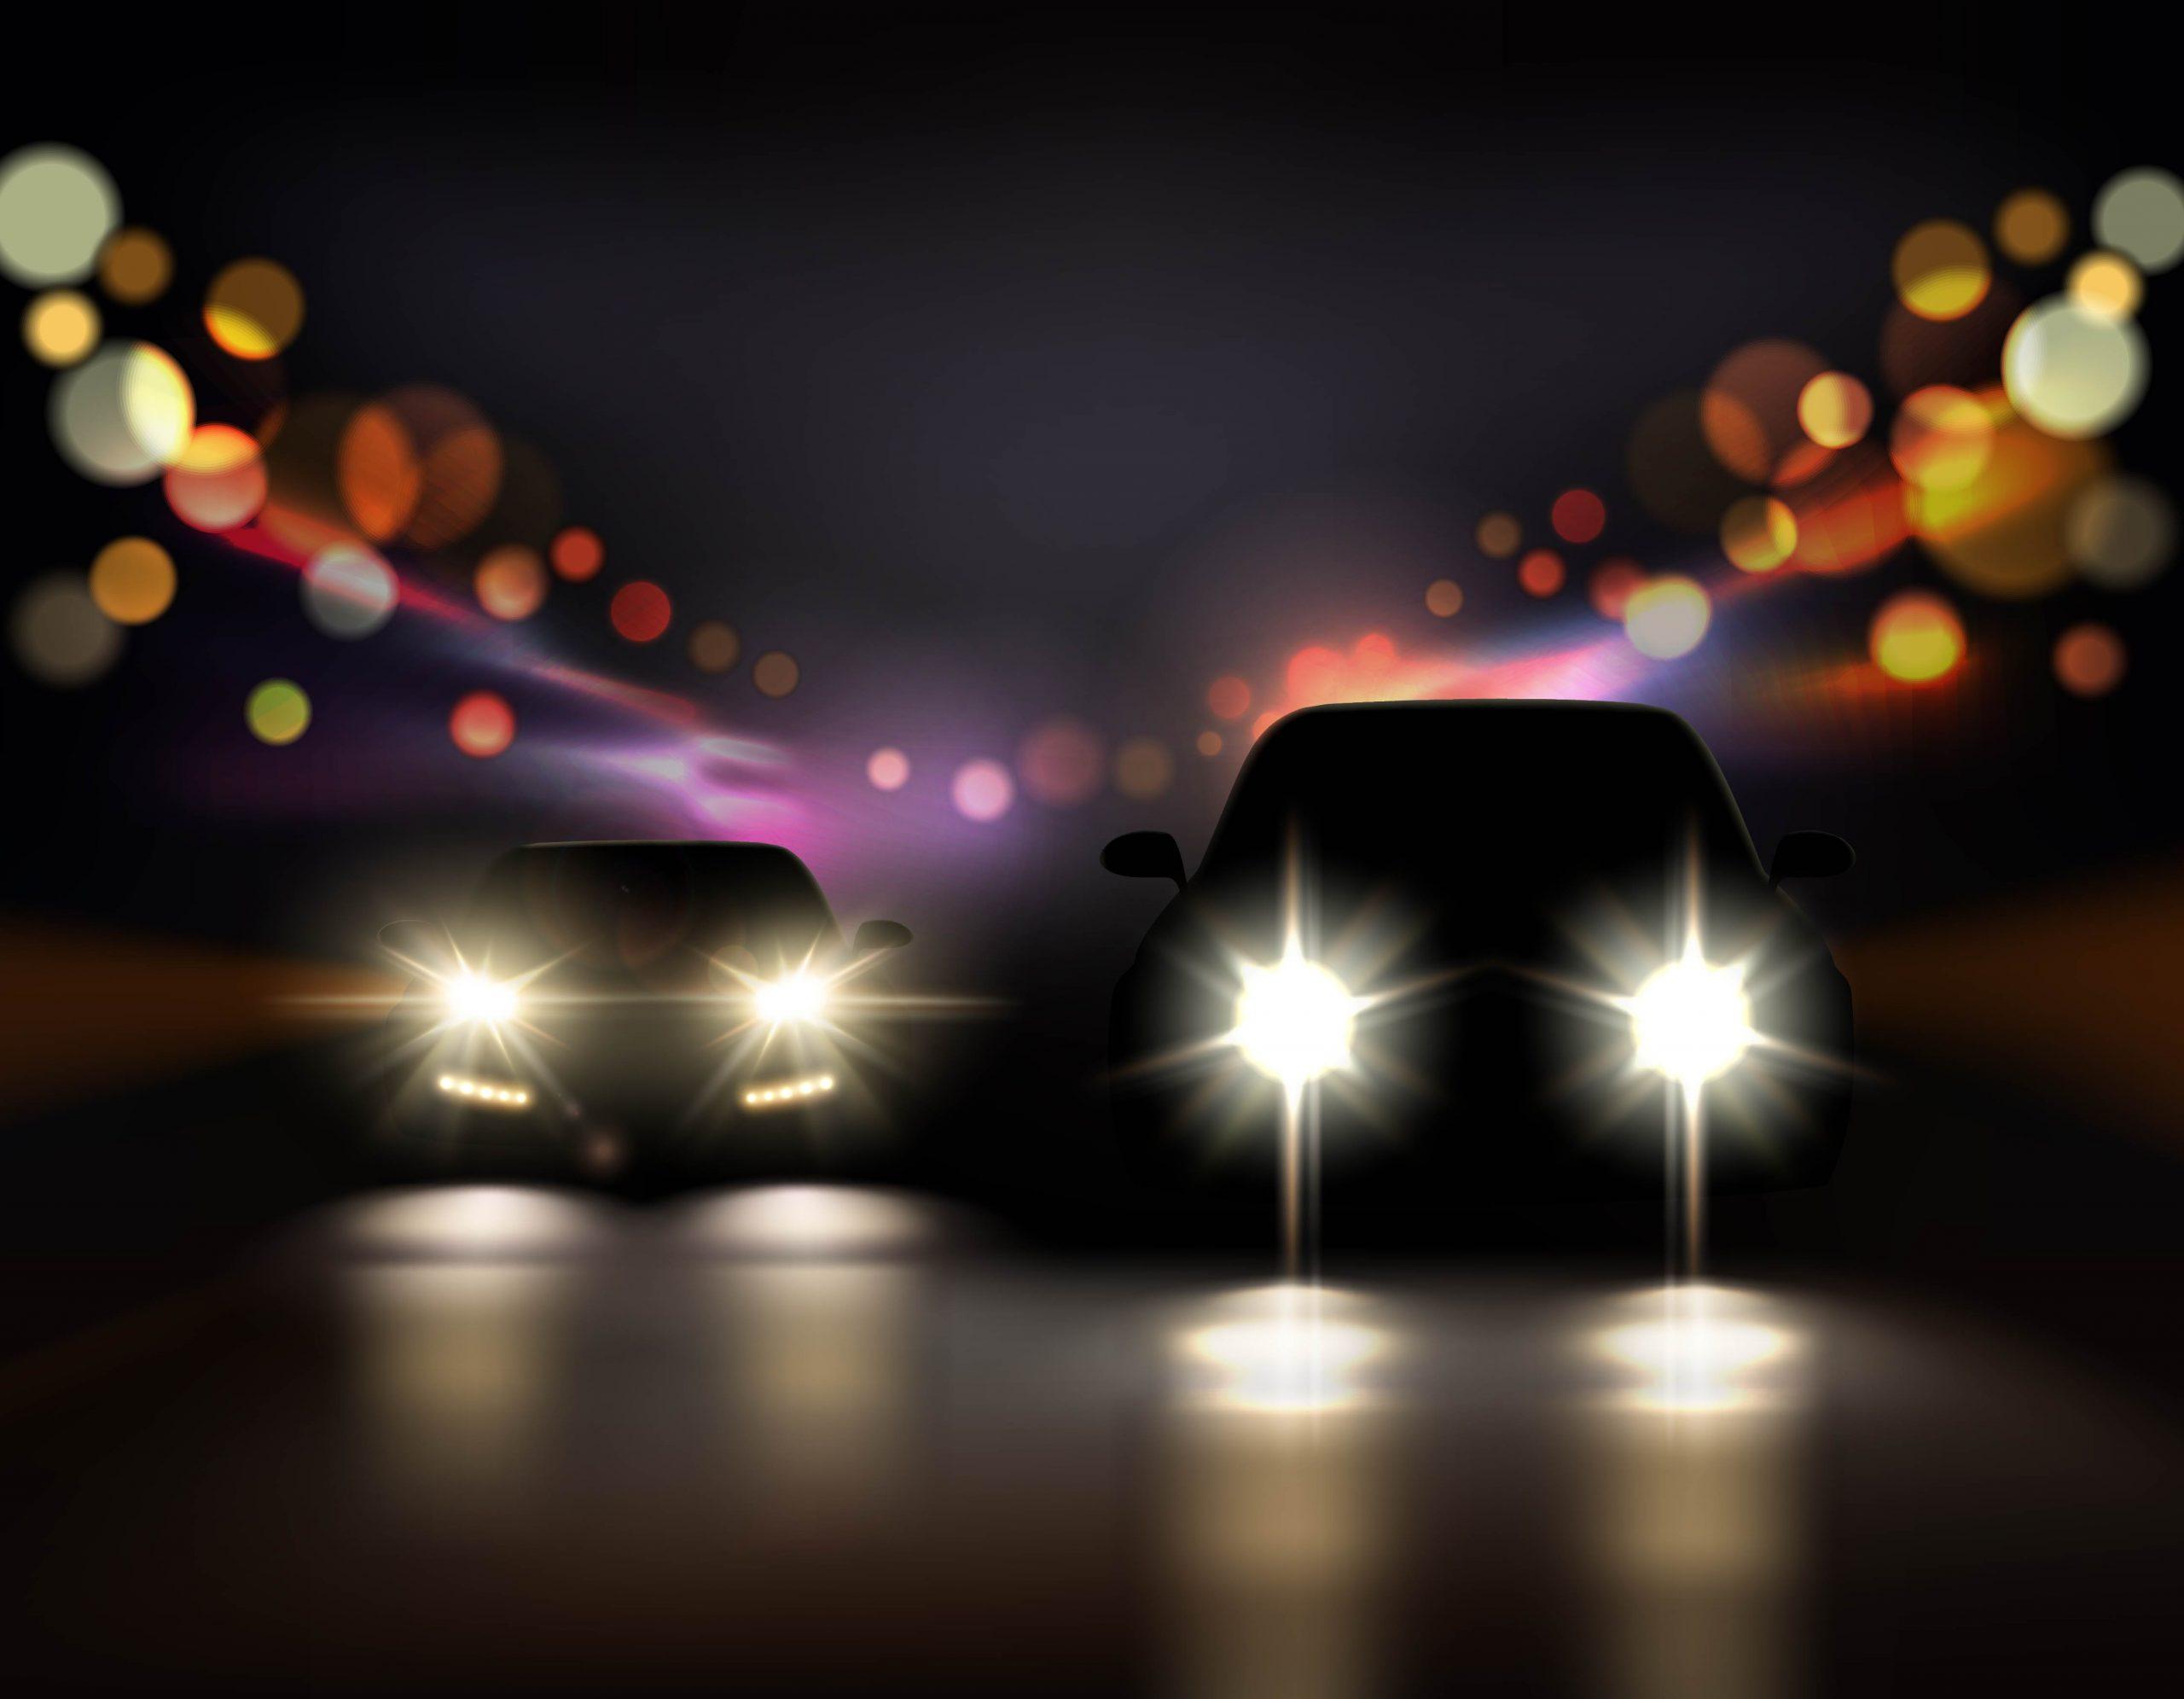 Vehículos circulando de noche